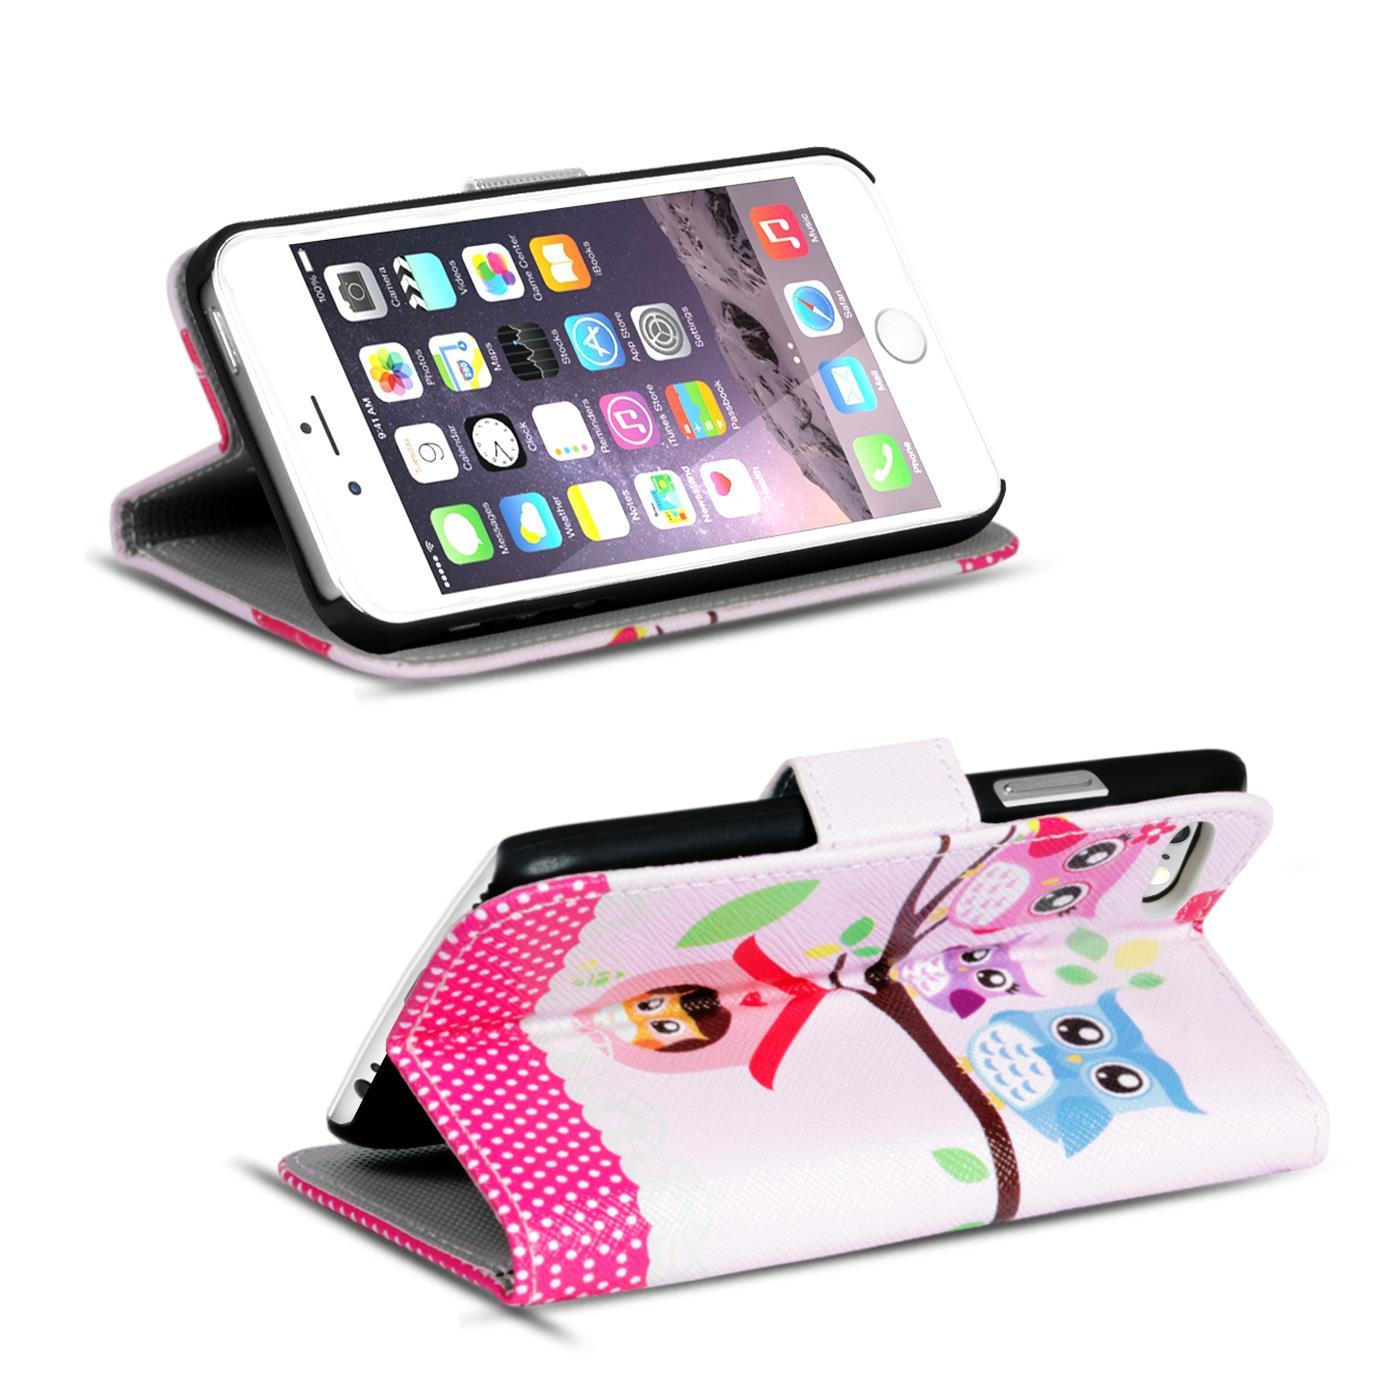 Handy-Huelle-Apple-iPhone-8-Plus-Flip-Cover-Case-Schutz-Tasche-Etui-Motiv-Wallet Indexbild 48